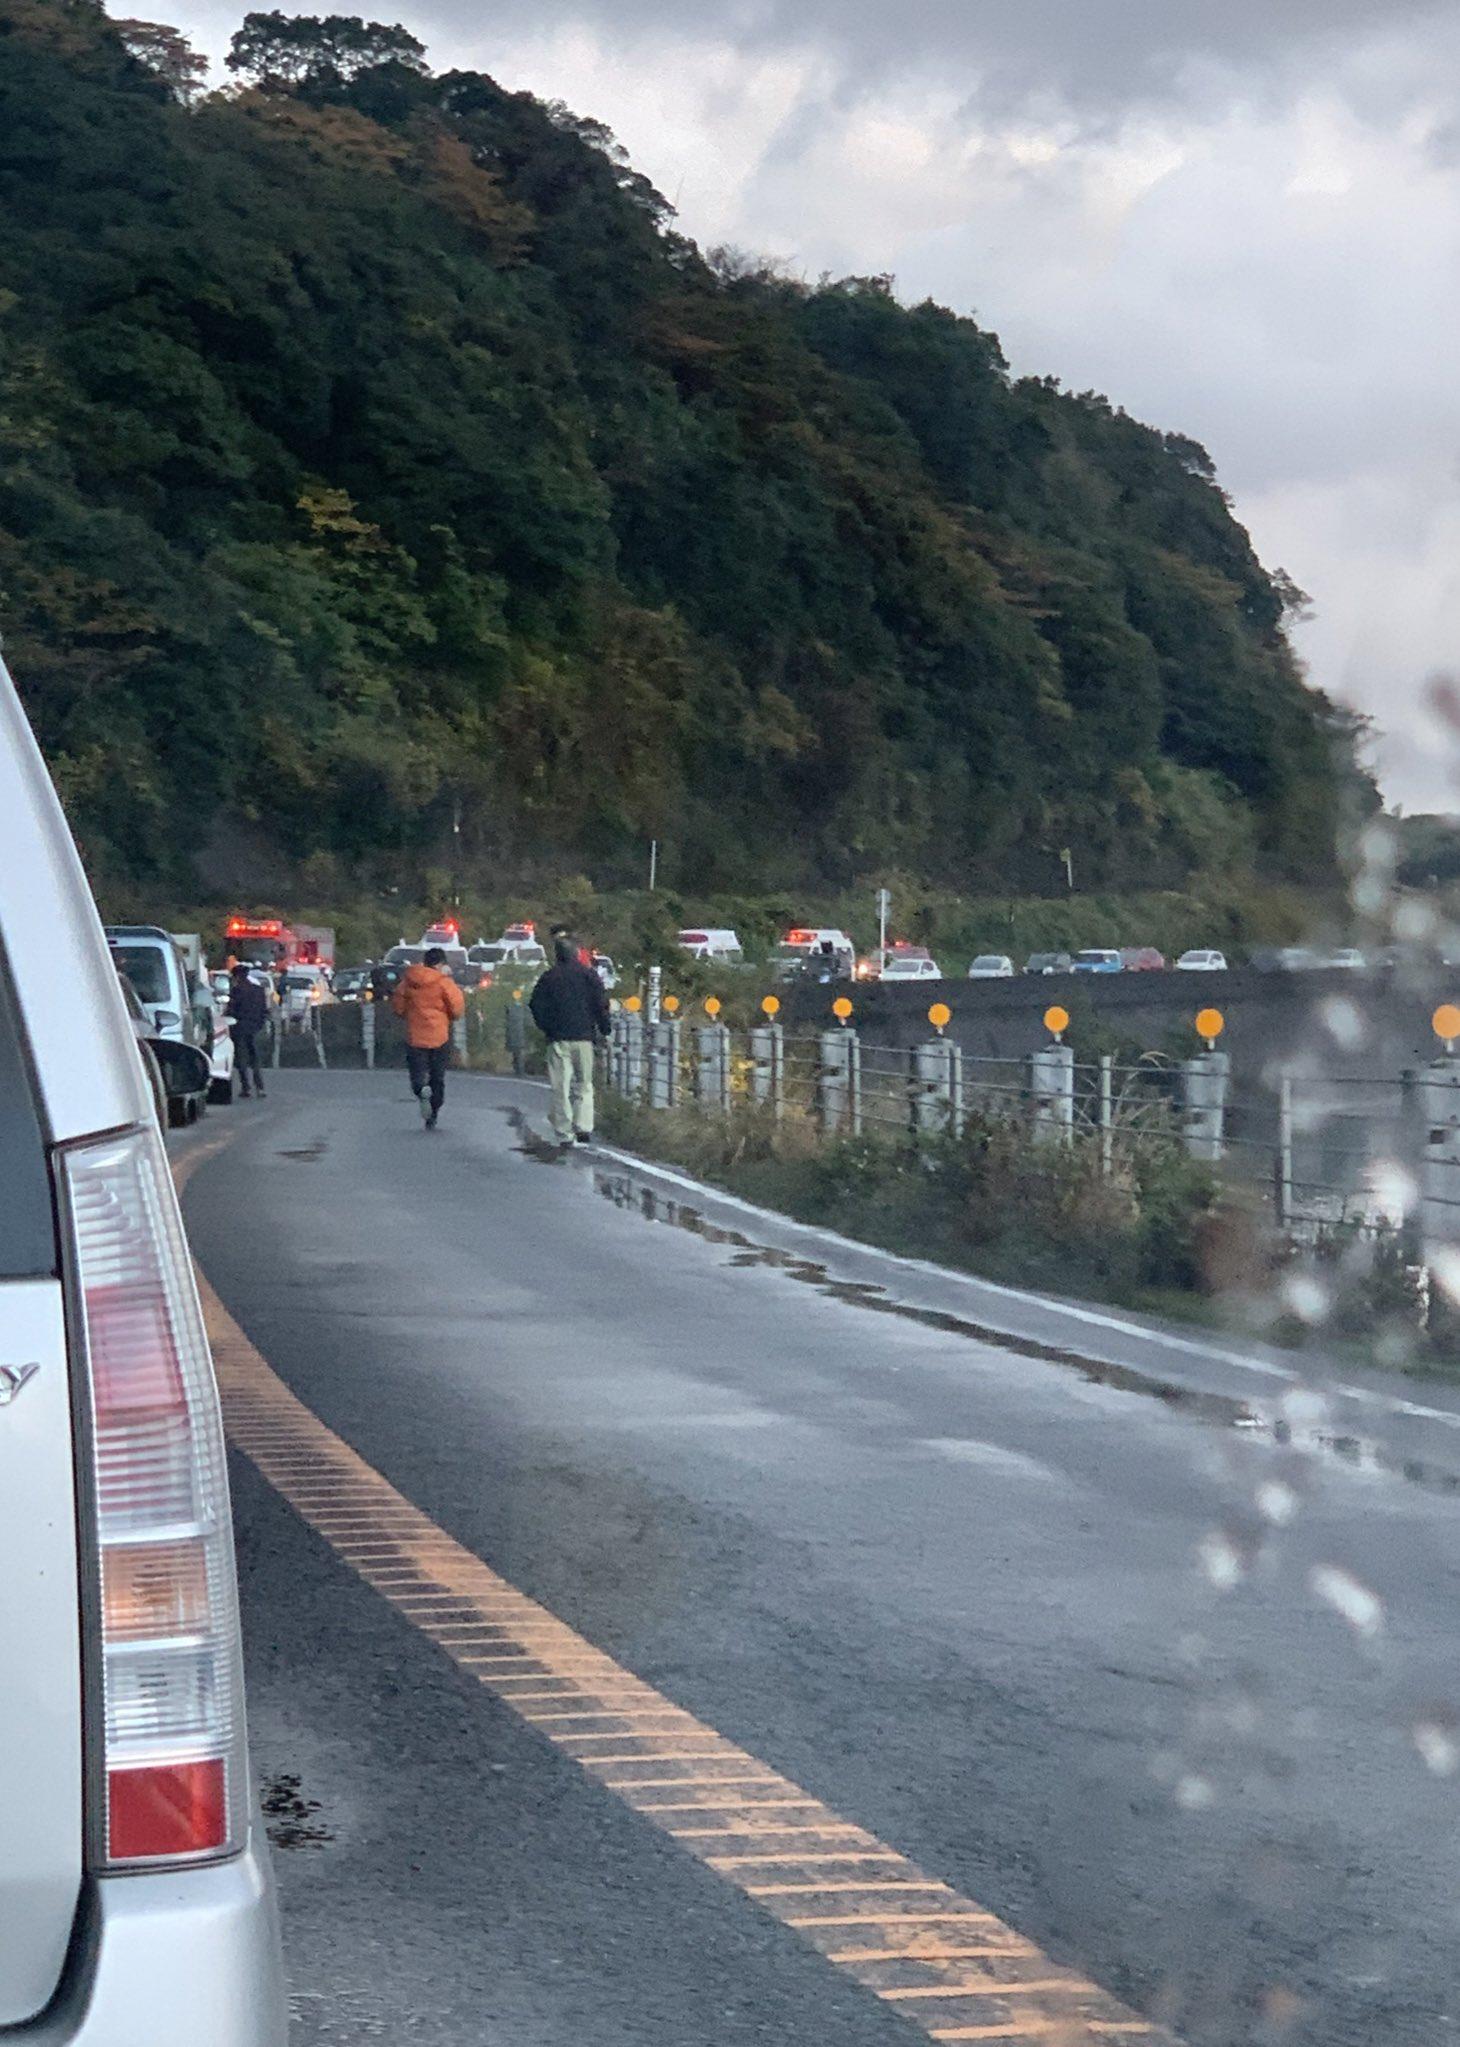 鹿児島市平川町の国道226号線の事故で緊急車両が集結している画像